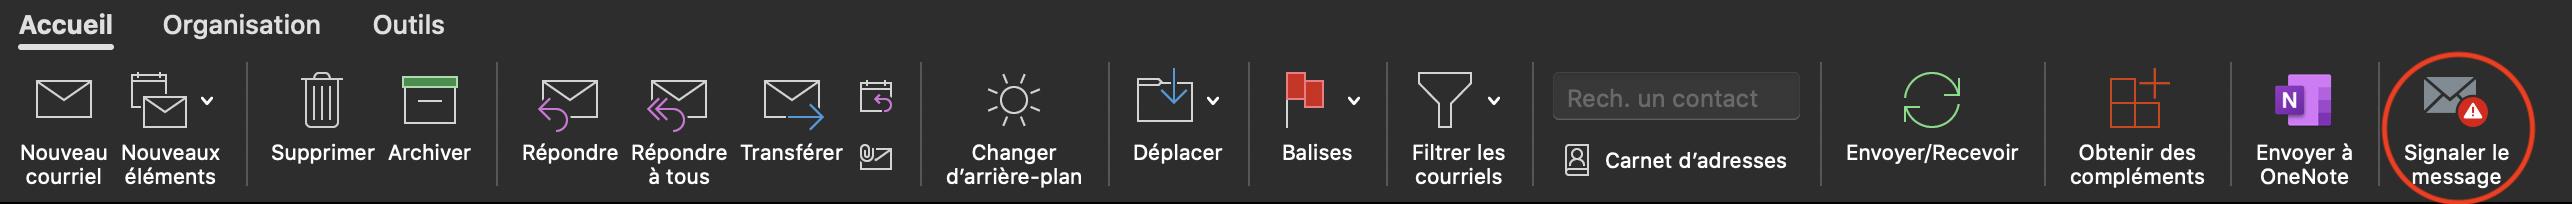 Menu d'accueil aven l'option signaler le message encercler en rouge